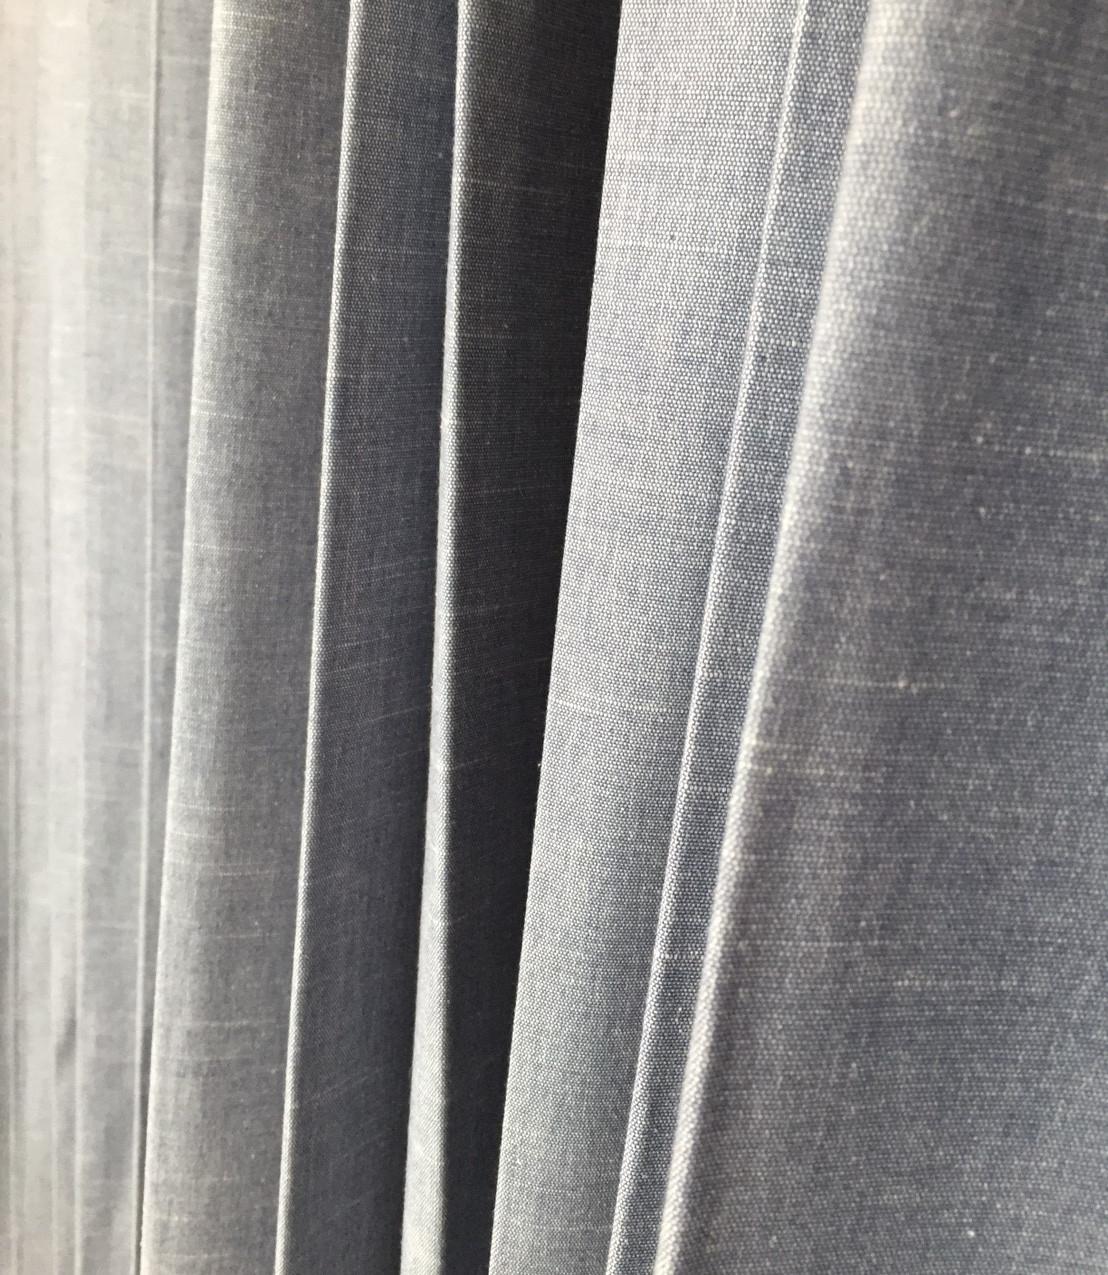 ติดตั้ง ผ้าม่าน ผ้าโปร่ง วอลเปเปอร์ทั้งห้อง